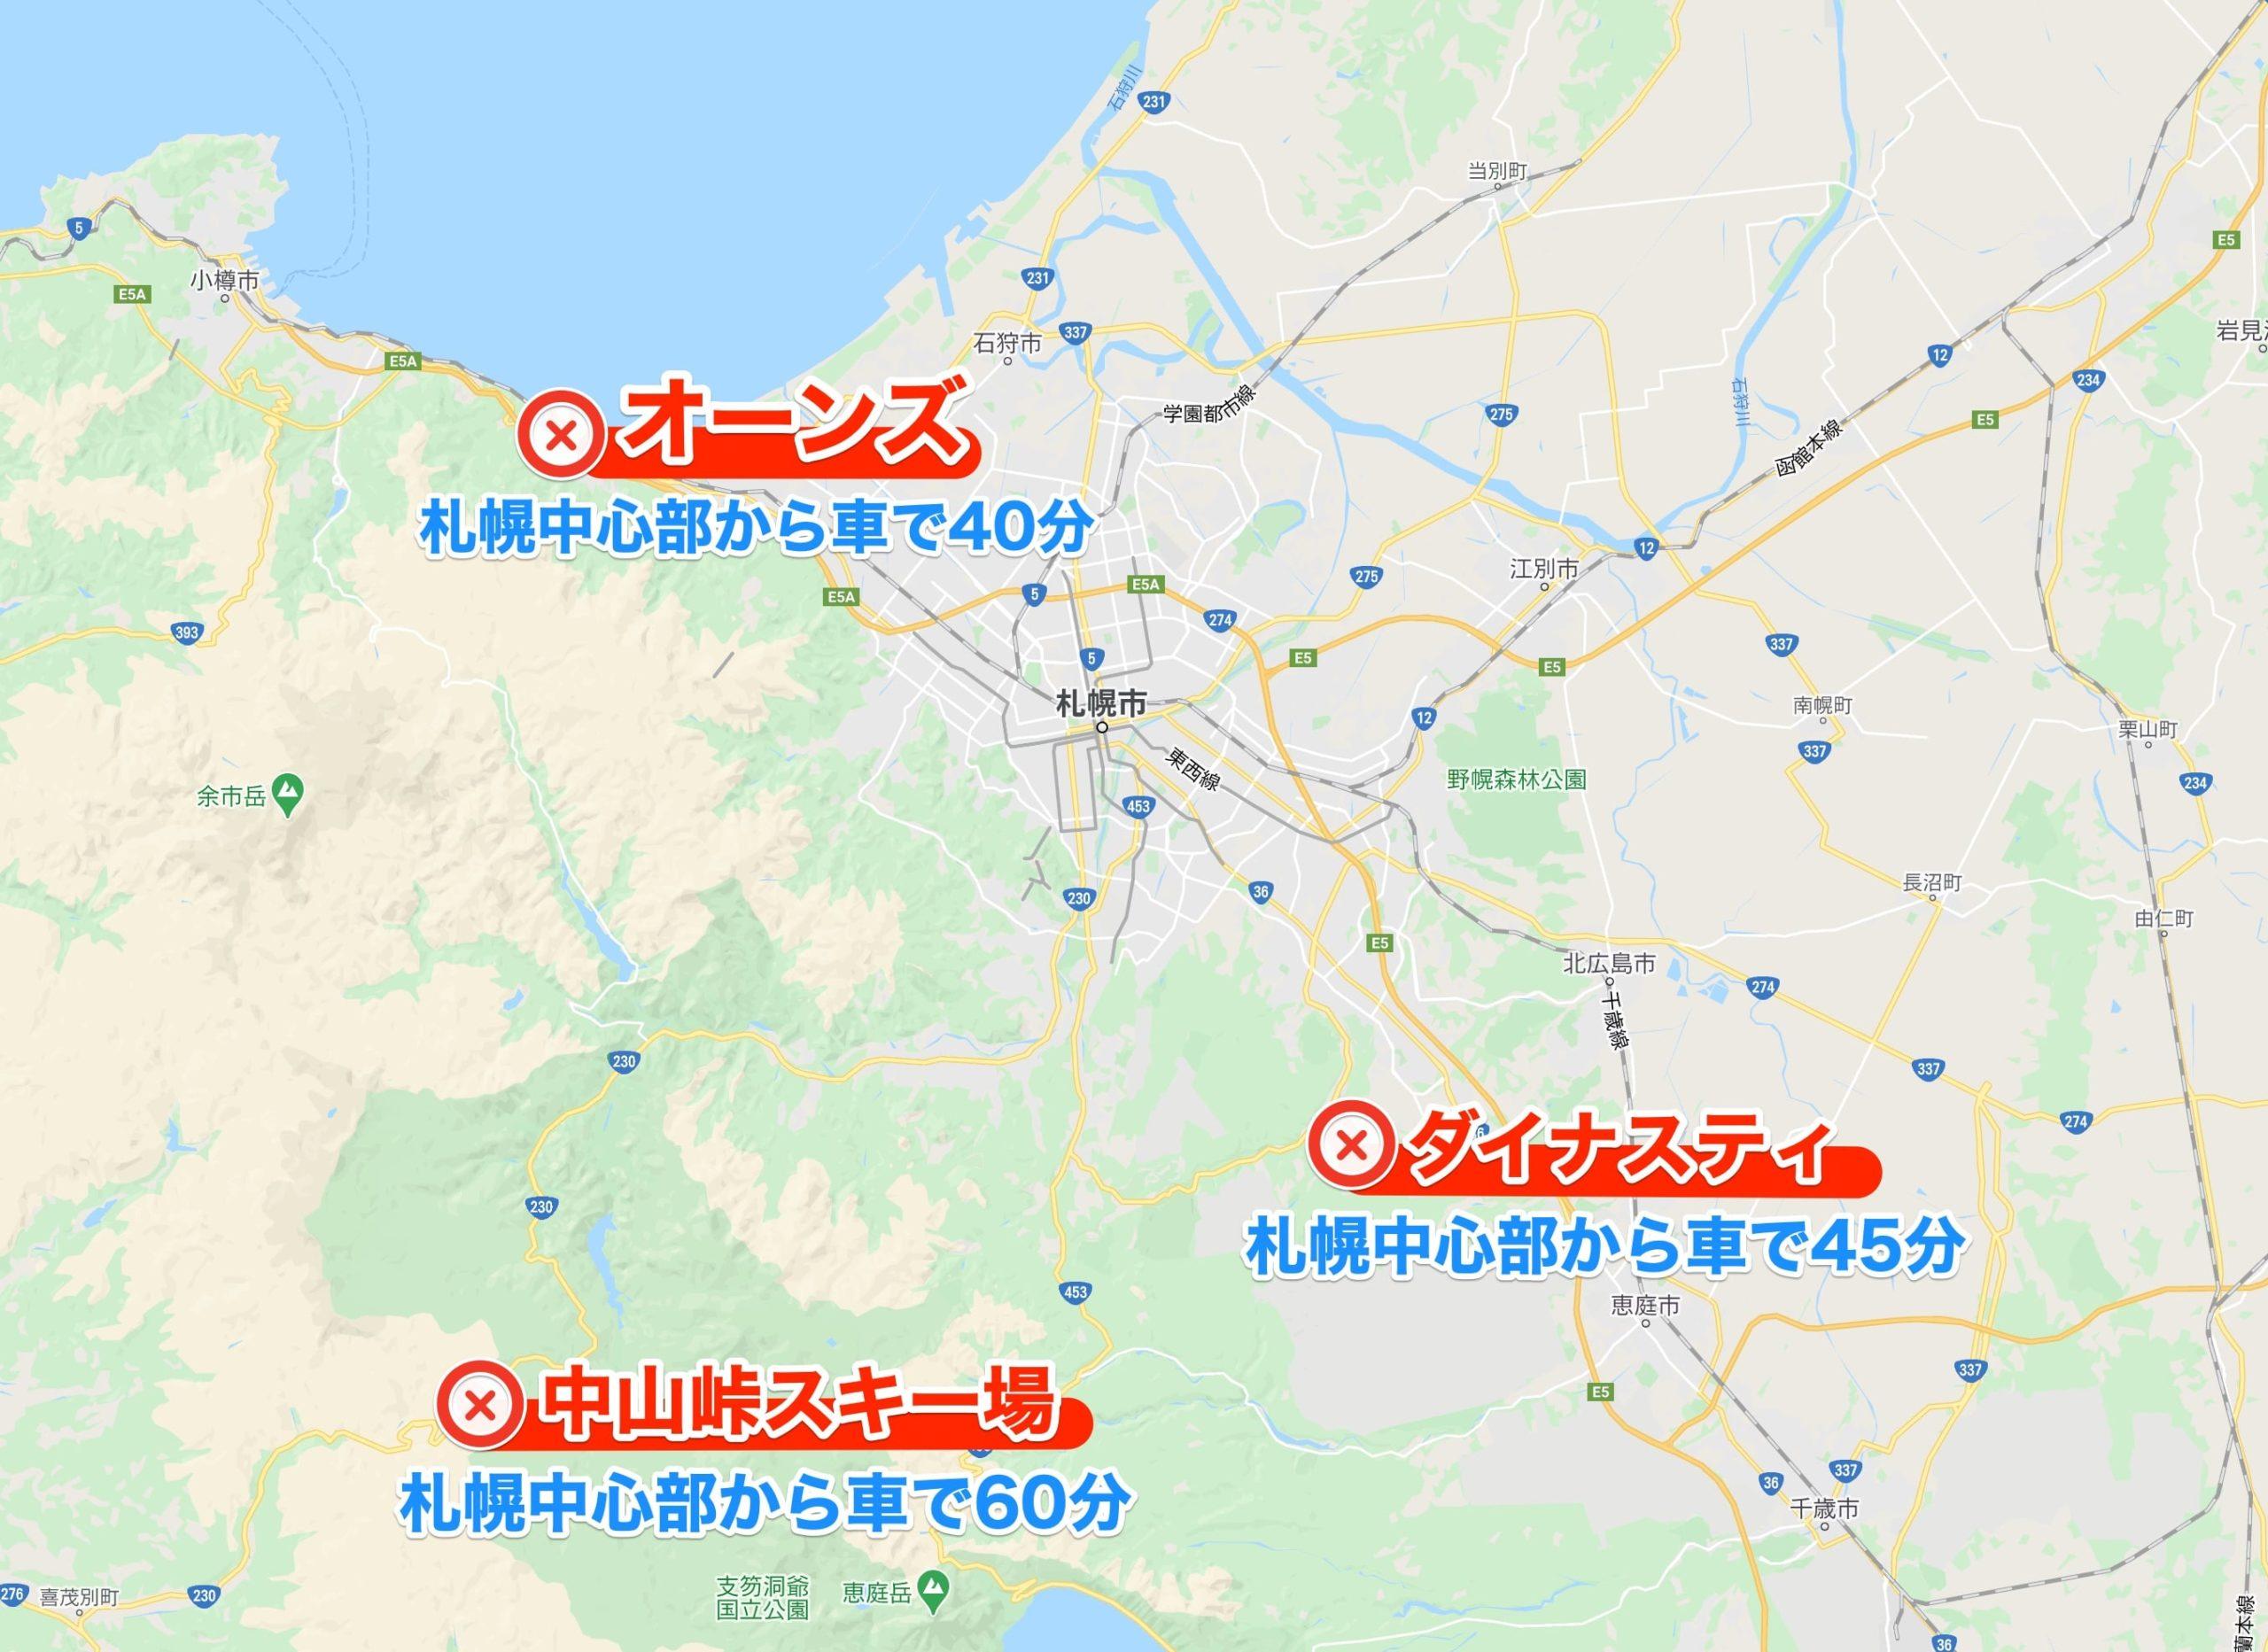 札幌近郊のおすすめスキー場マップ